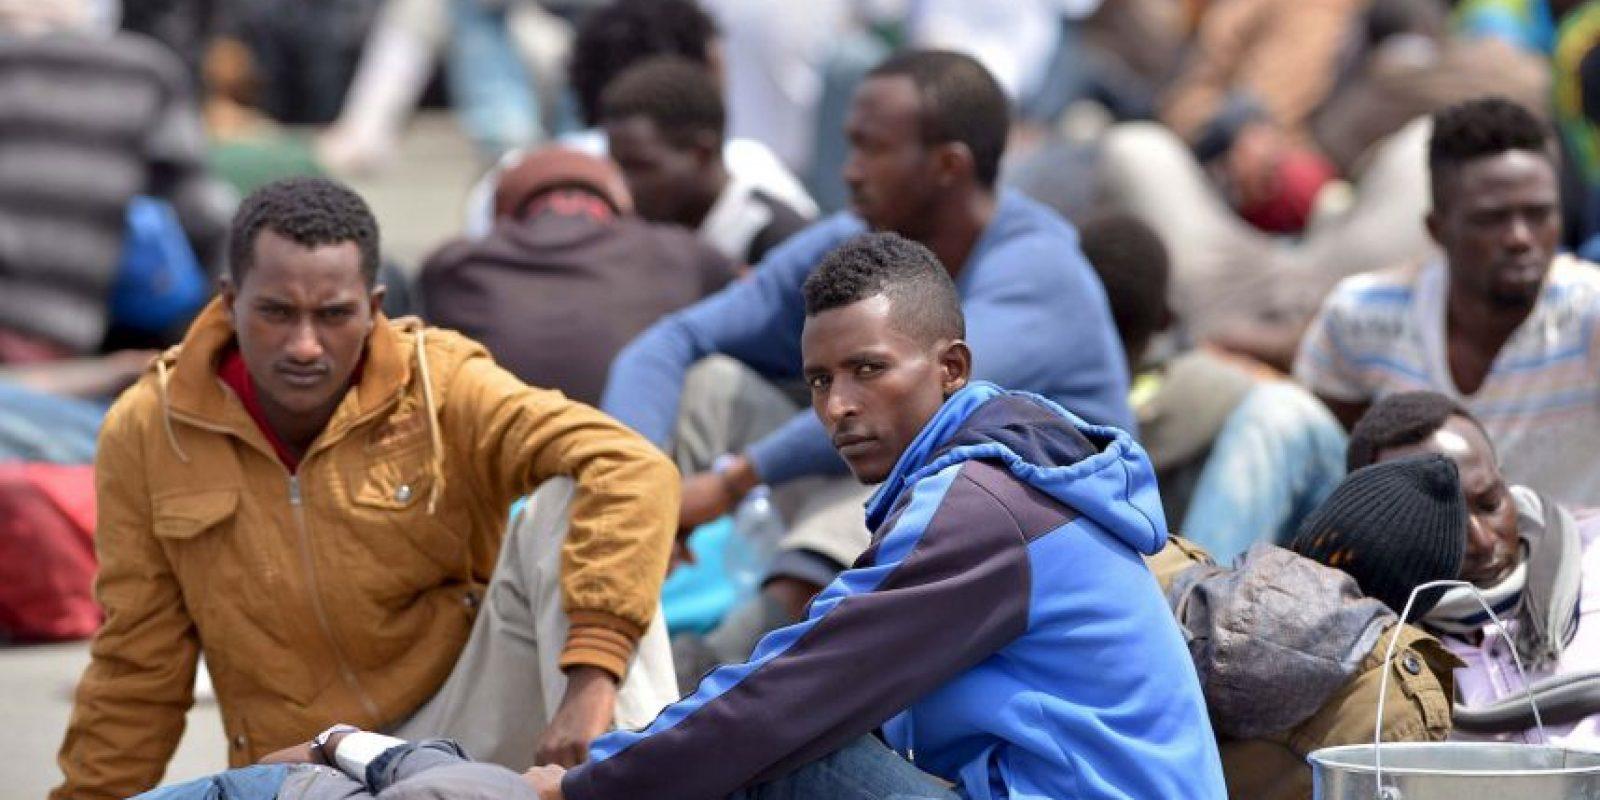 Obtener una vida mejor es lo que inspira a los migrantes. Foto:Getty Images